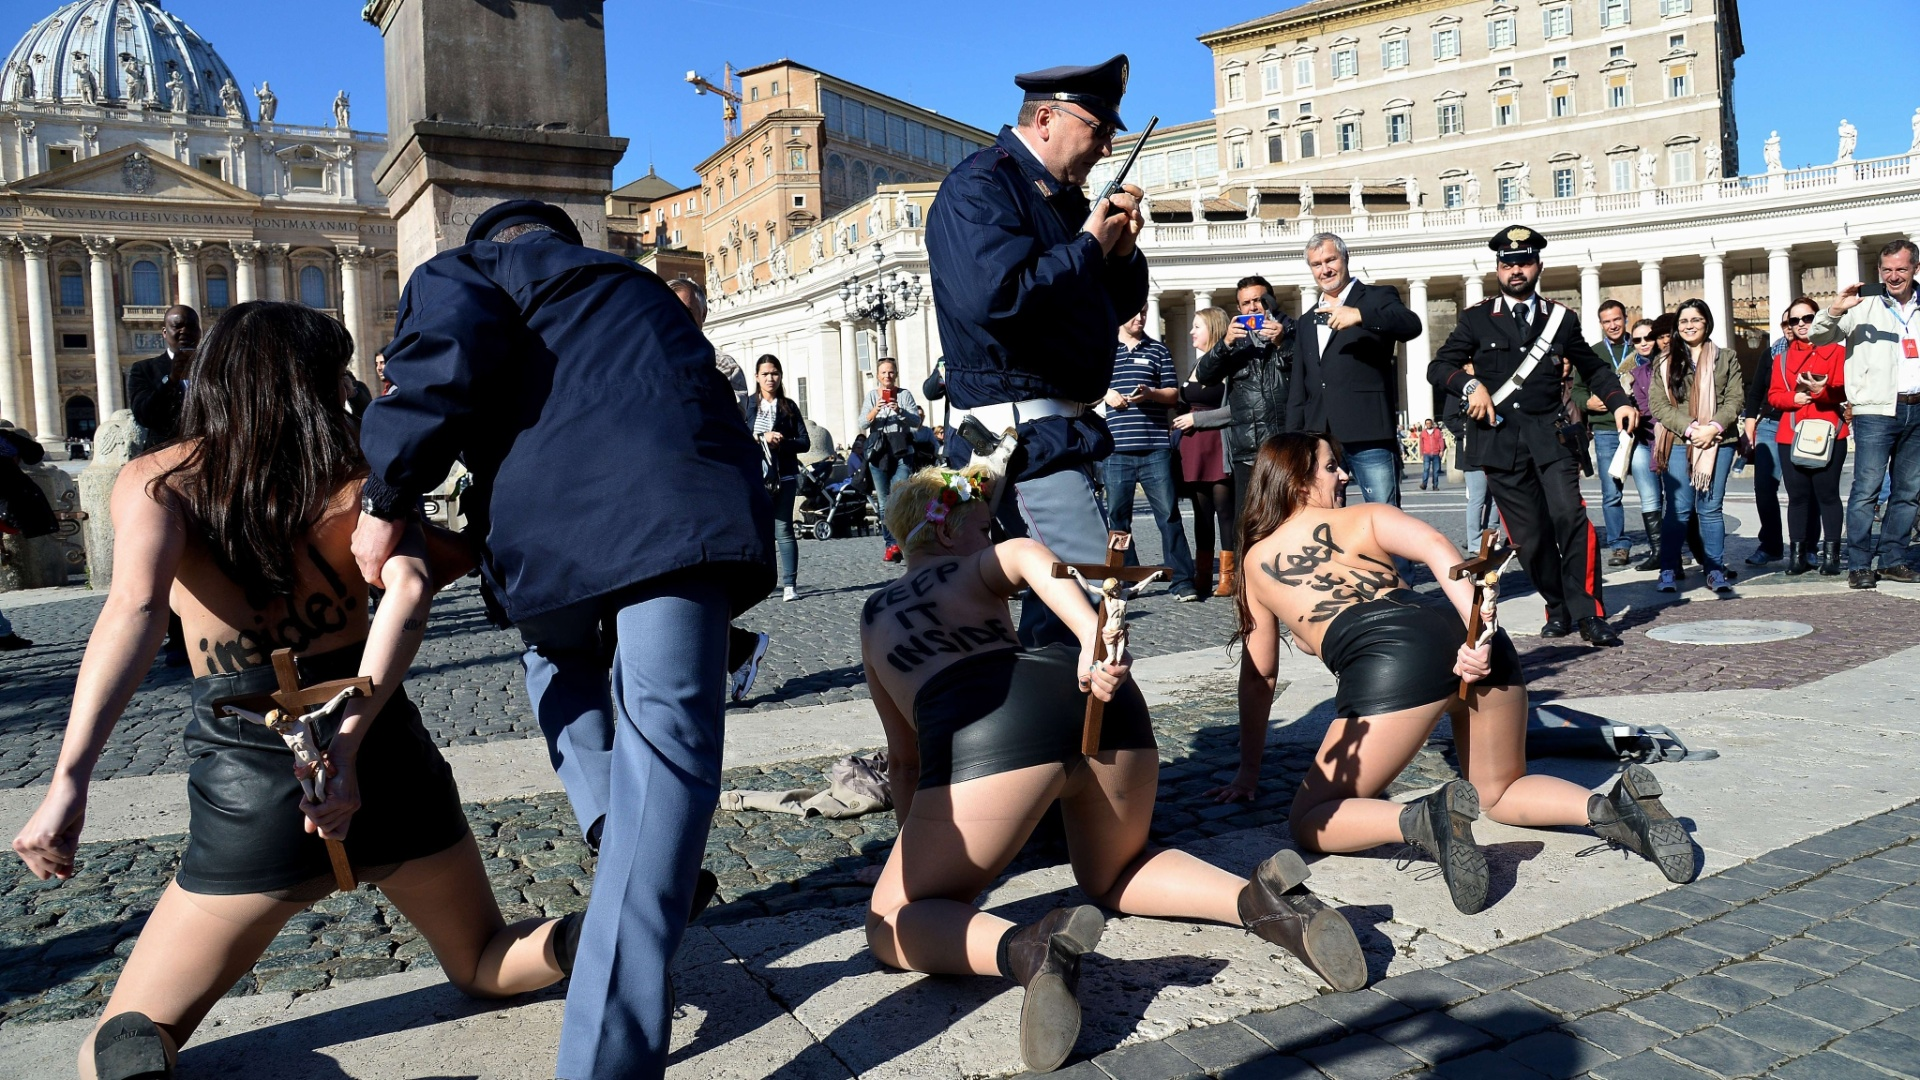 14.nov.2014 - Ativistas do Femen são detidas após protesto na praça São Pedro, no Vaticano, contra a visita do papa Francisco ao parlamento da União Europeia. A manifestação envolvendo pedia o fim da influência religiosa nas decisões políticas